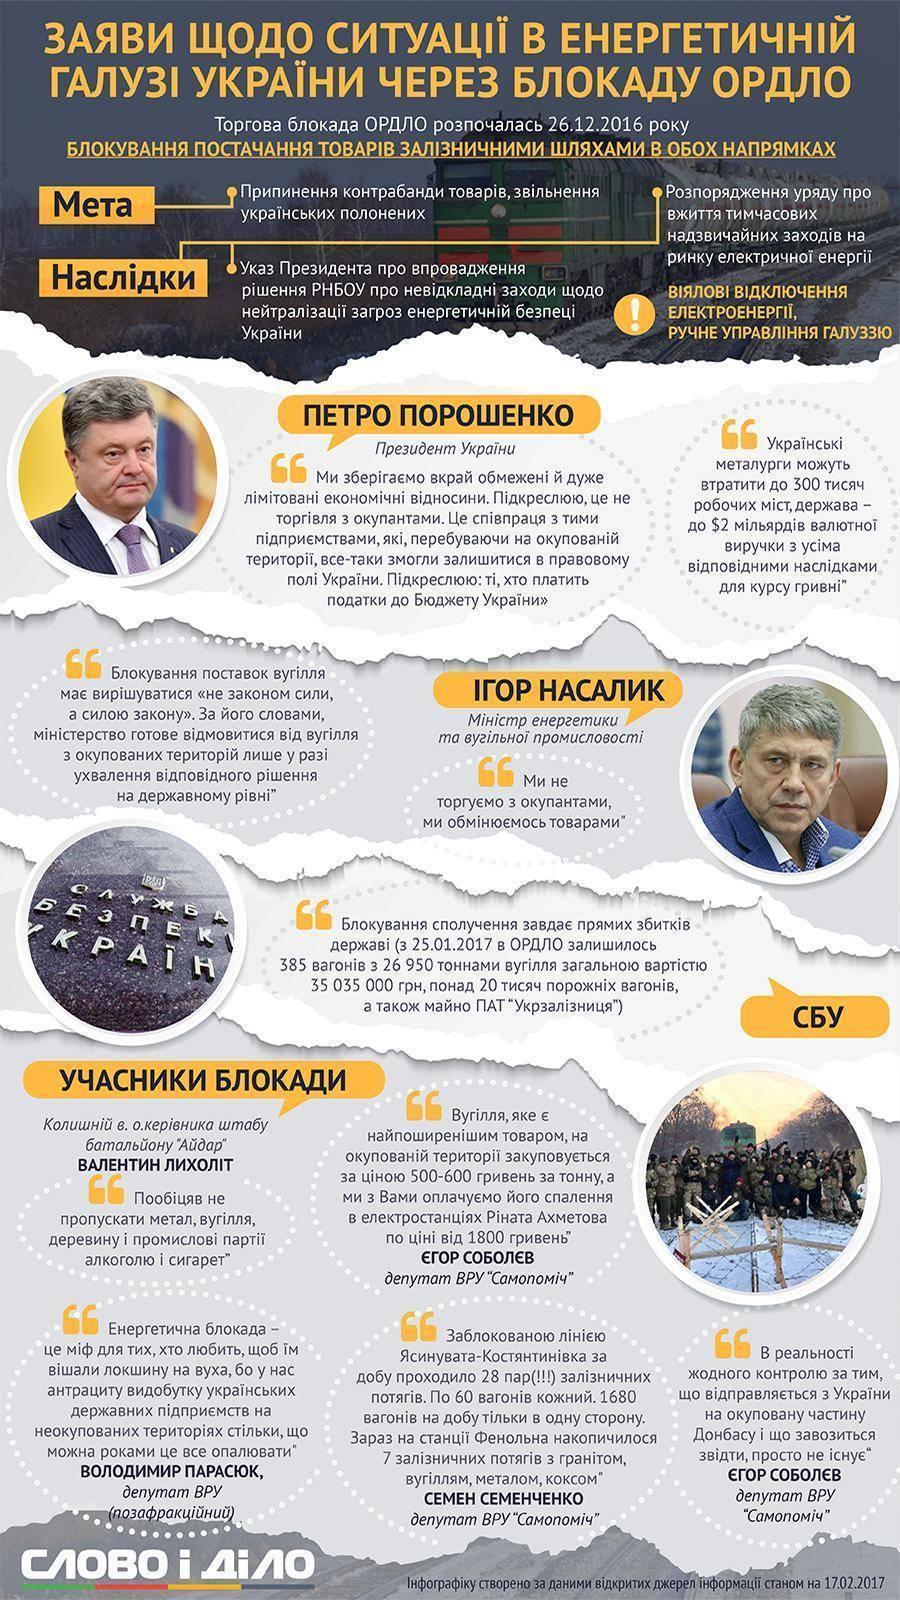 Зачем Семенченко с товарищами превращает Украину в Сомали